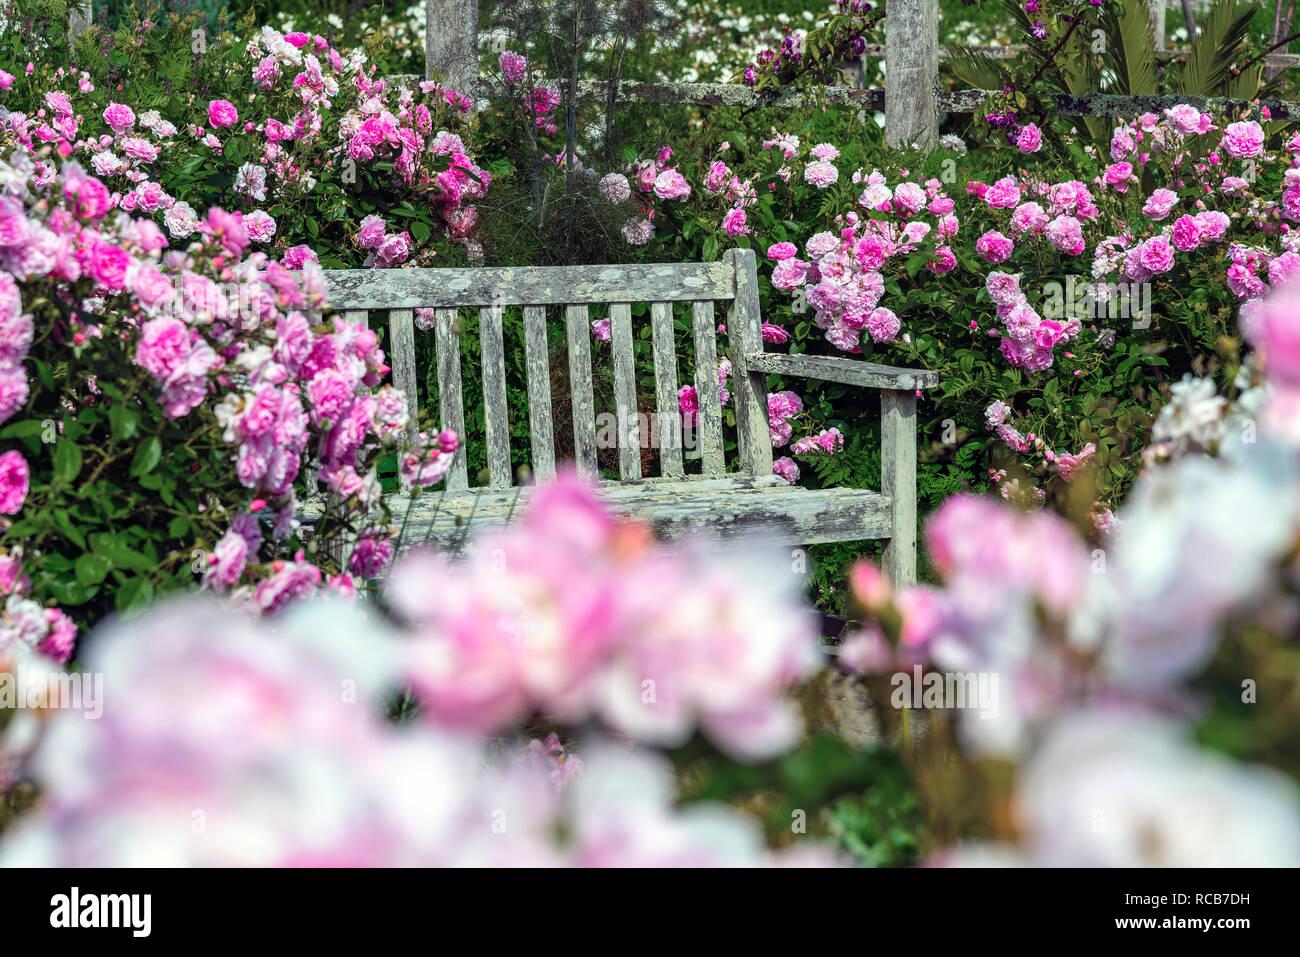 Ancien banc de jardin entouré de fleurs roses roses dans un jardin anglais, Sussex, au sud de l'Angleterre, Royaume-Uni Photo Stock